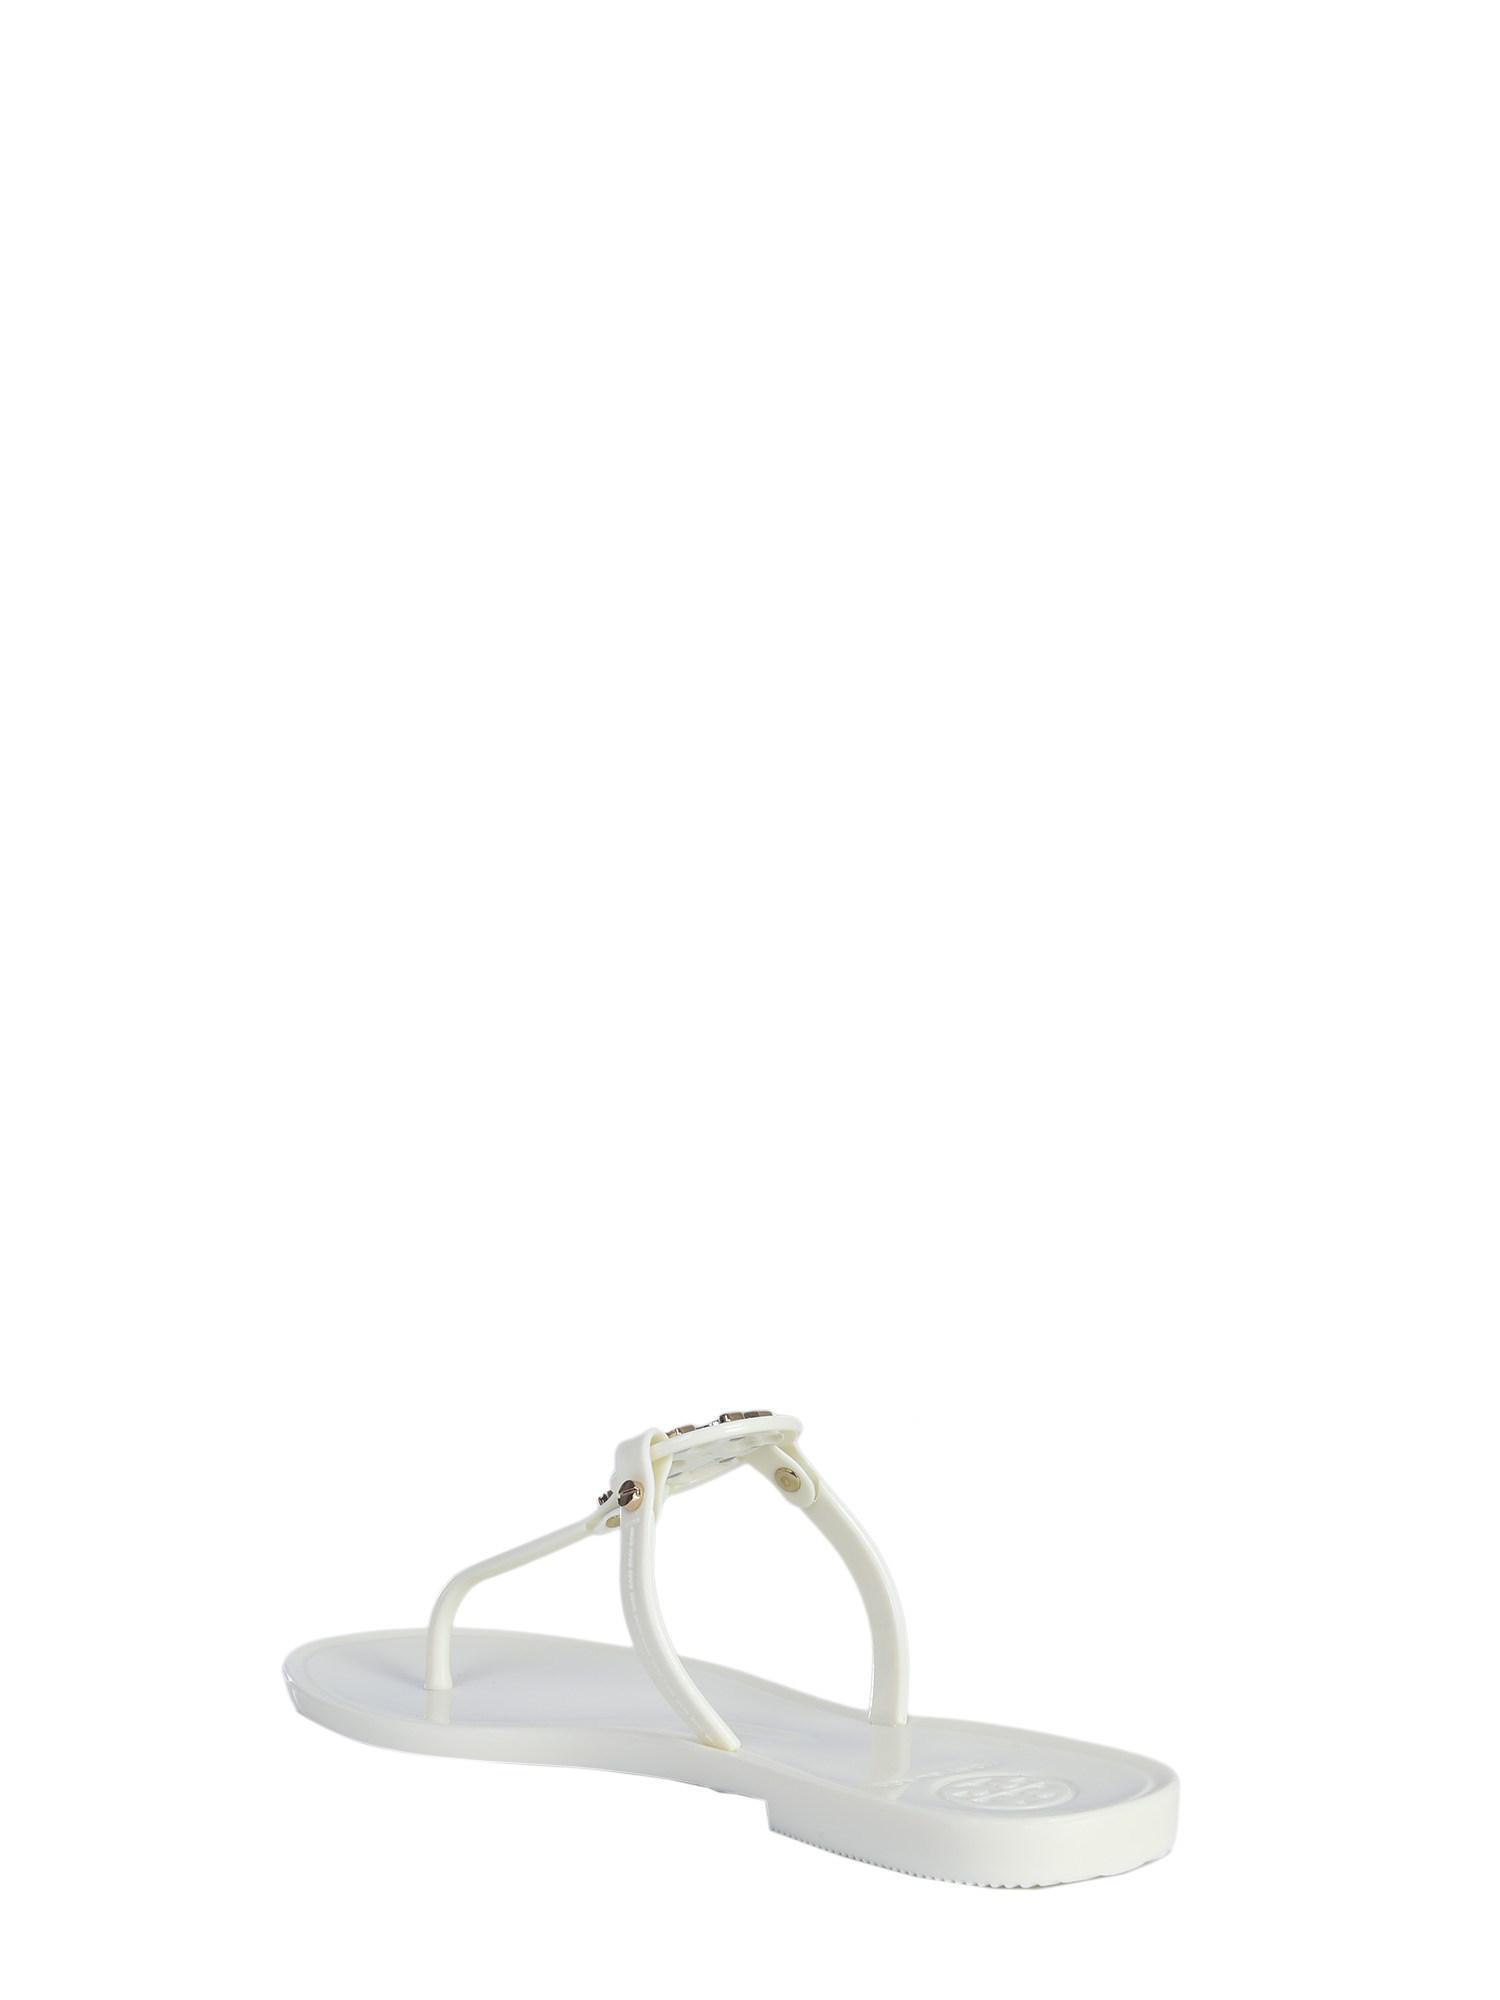 0e1d83caf04 Tory Burch - White Mini Miller Jelly Throttle Sandal - Lyst. View fullscreen